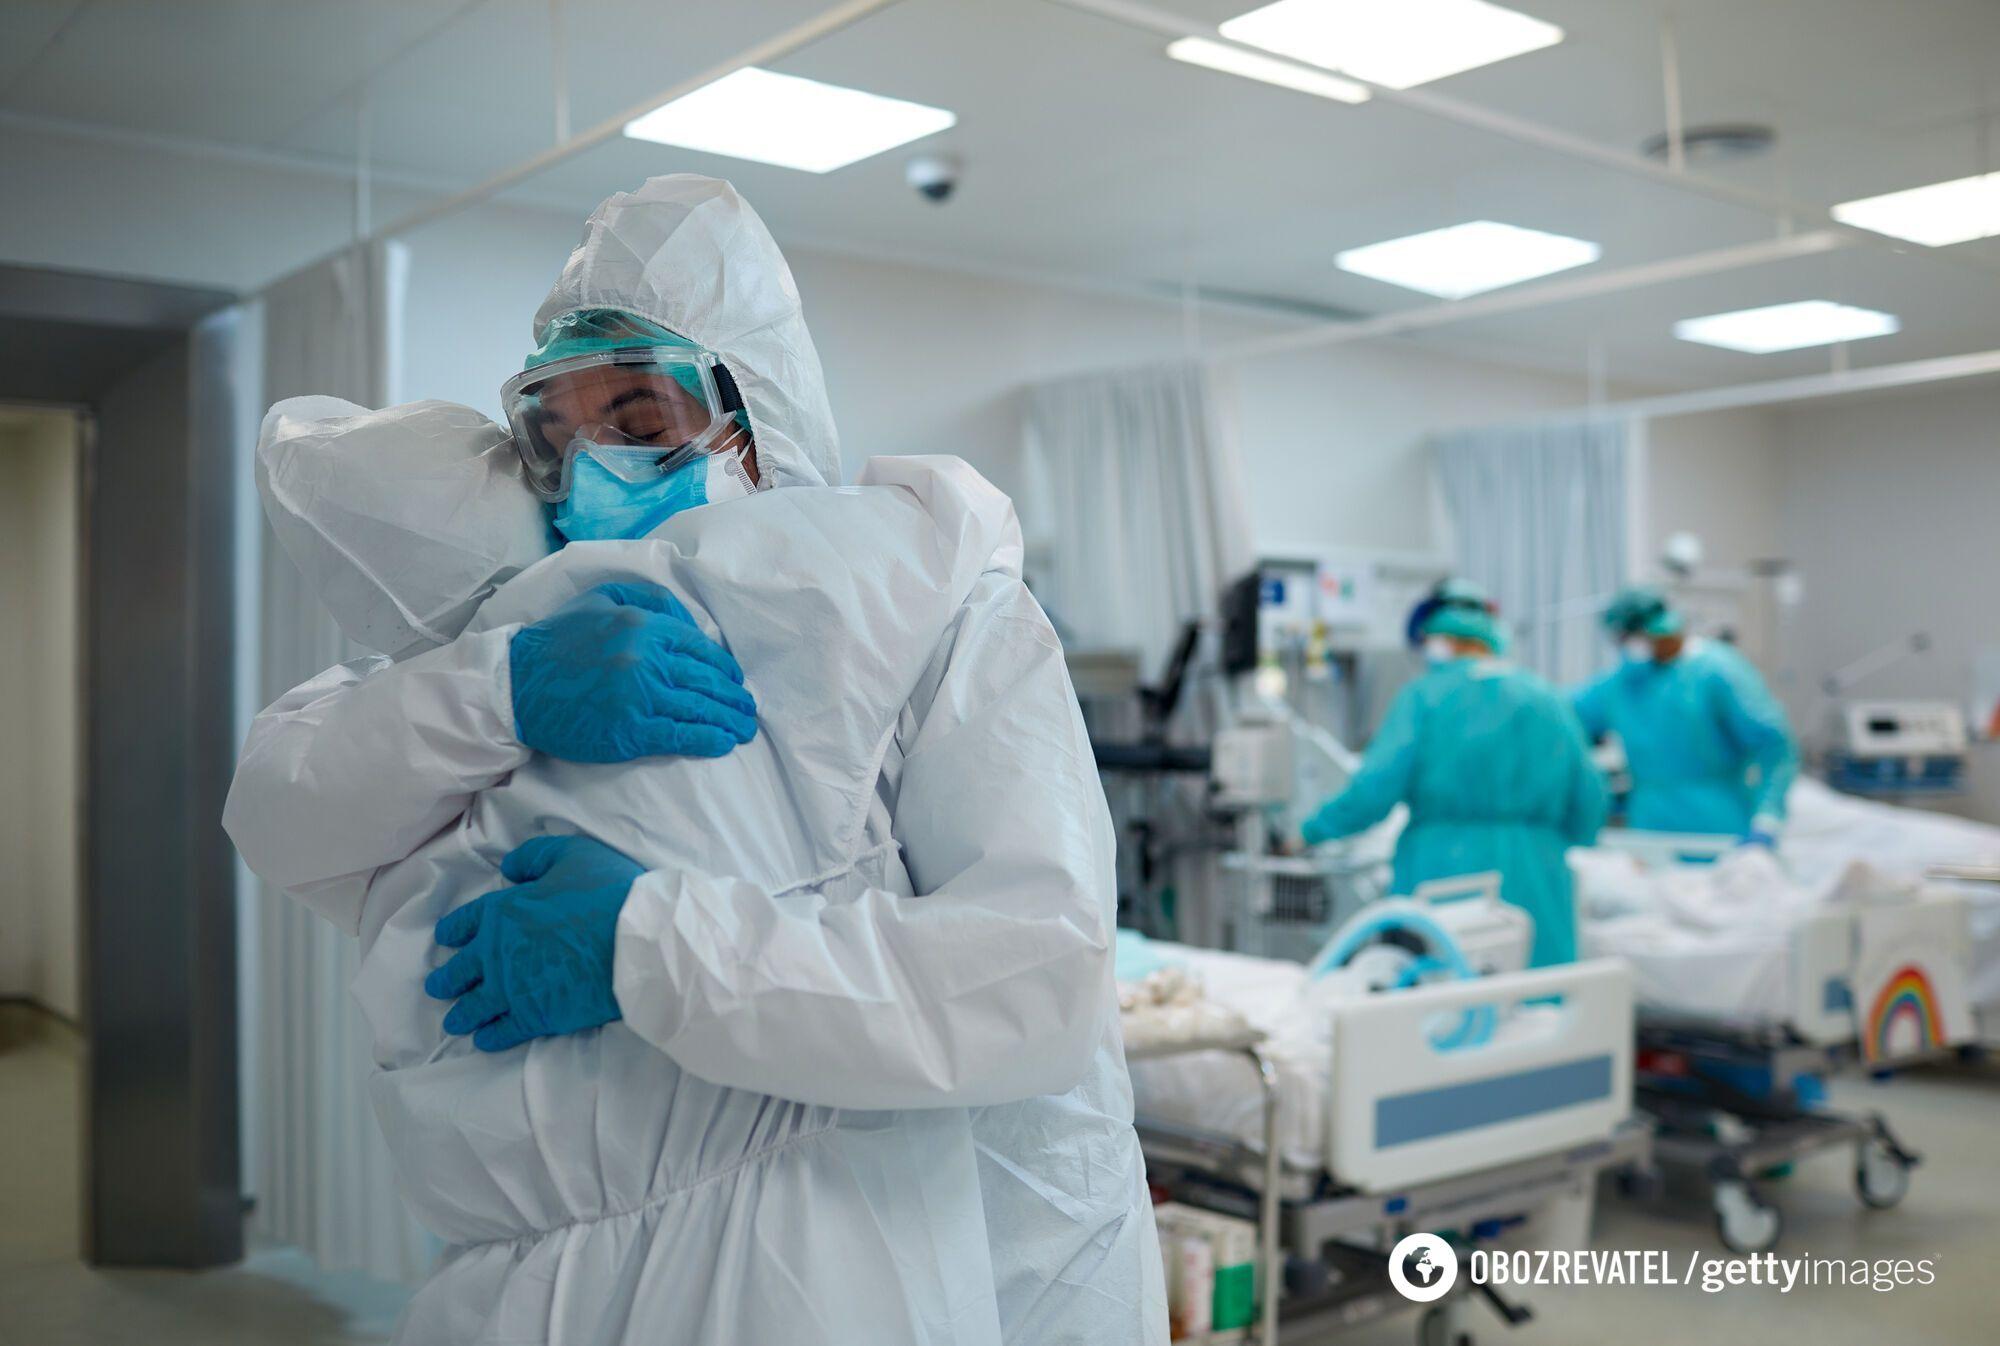 Вакцинированных среди пациентов почти нет, и так по всей Украине